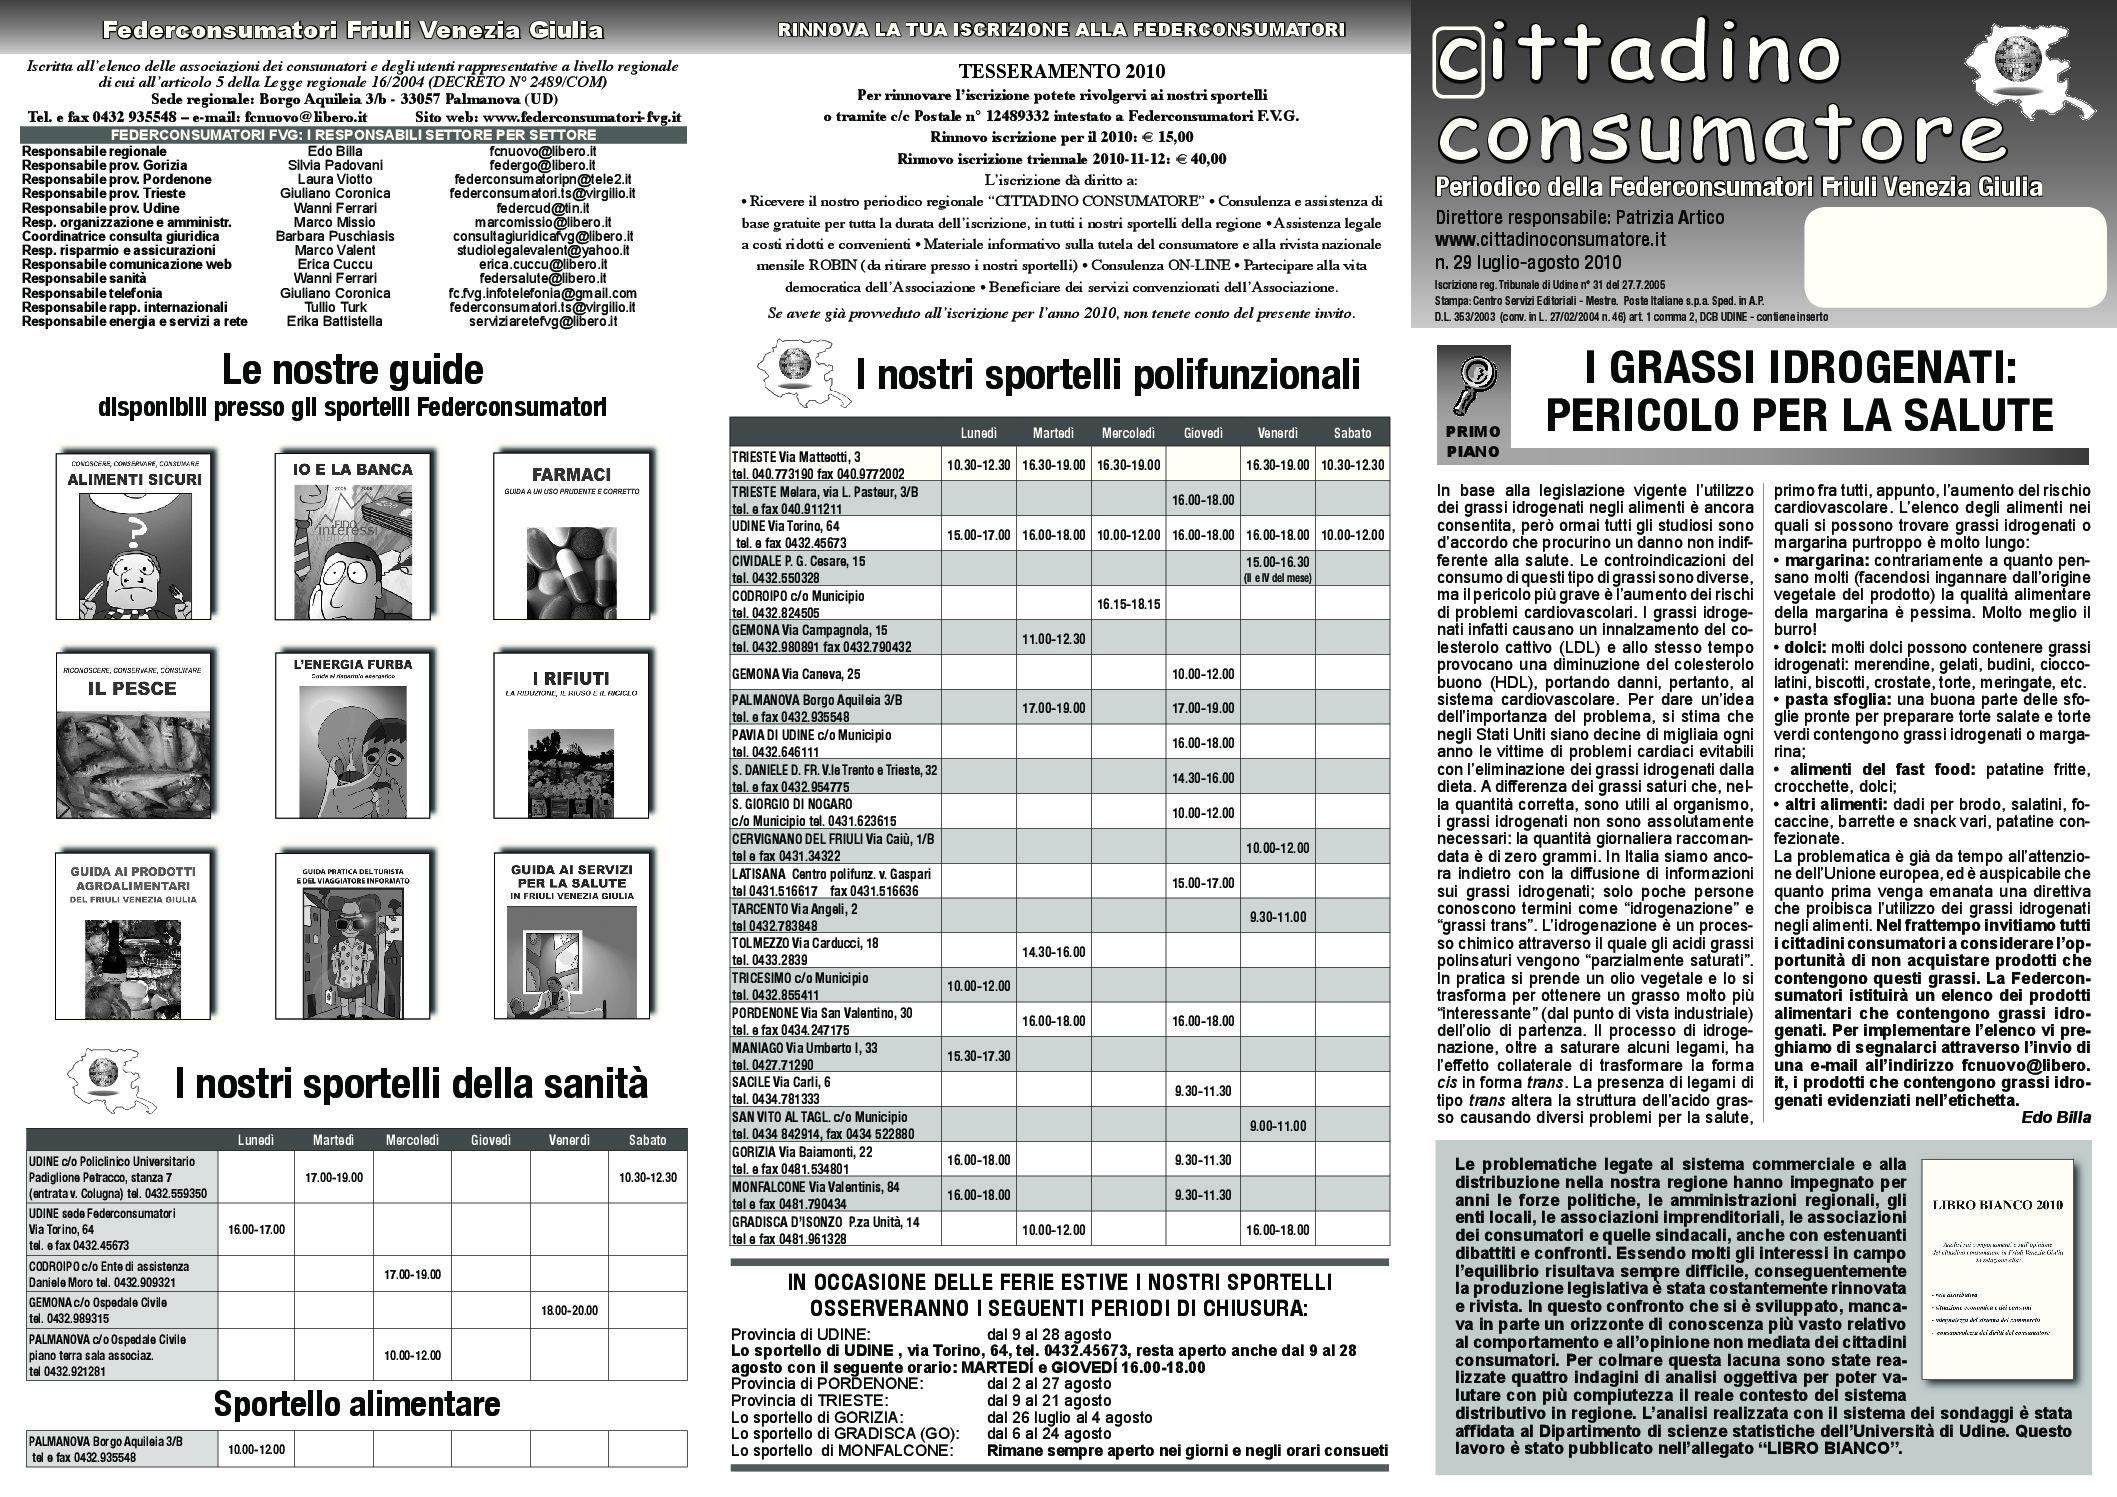 Cittadino Consumatore num. 29 (lug.-ago. 2010)